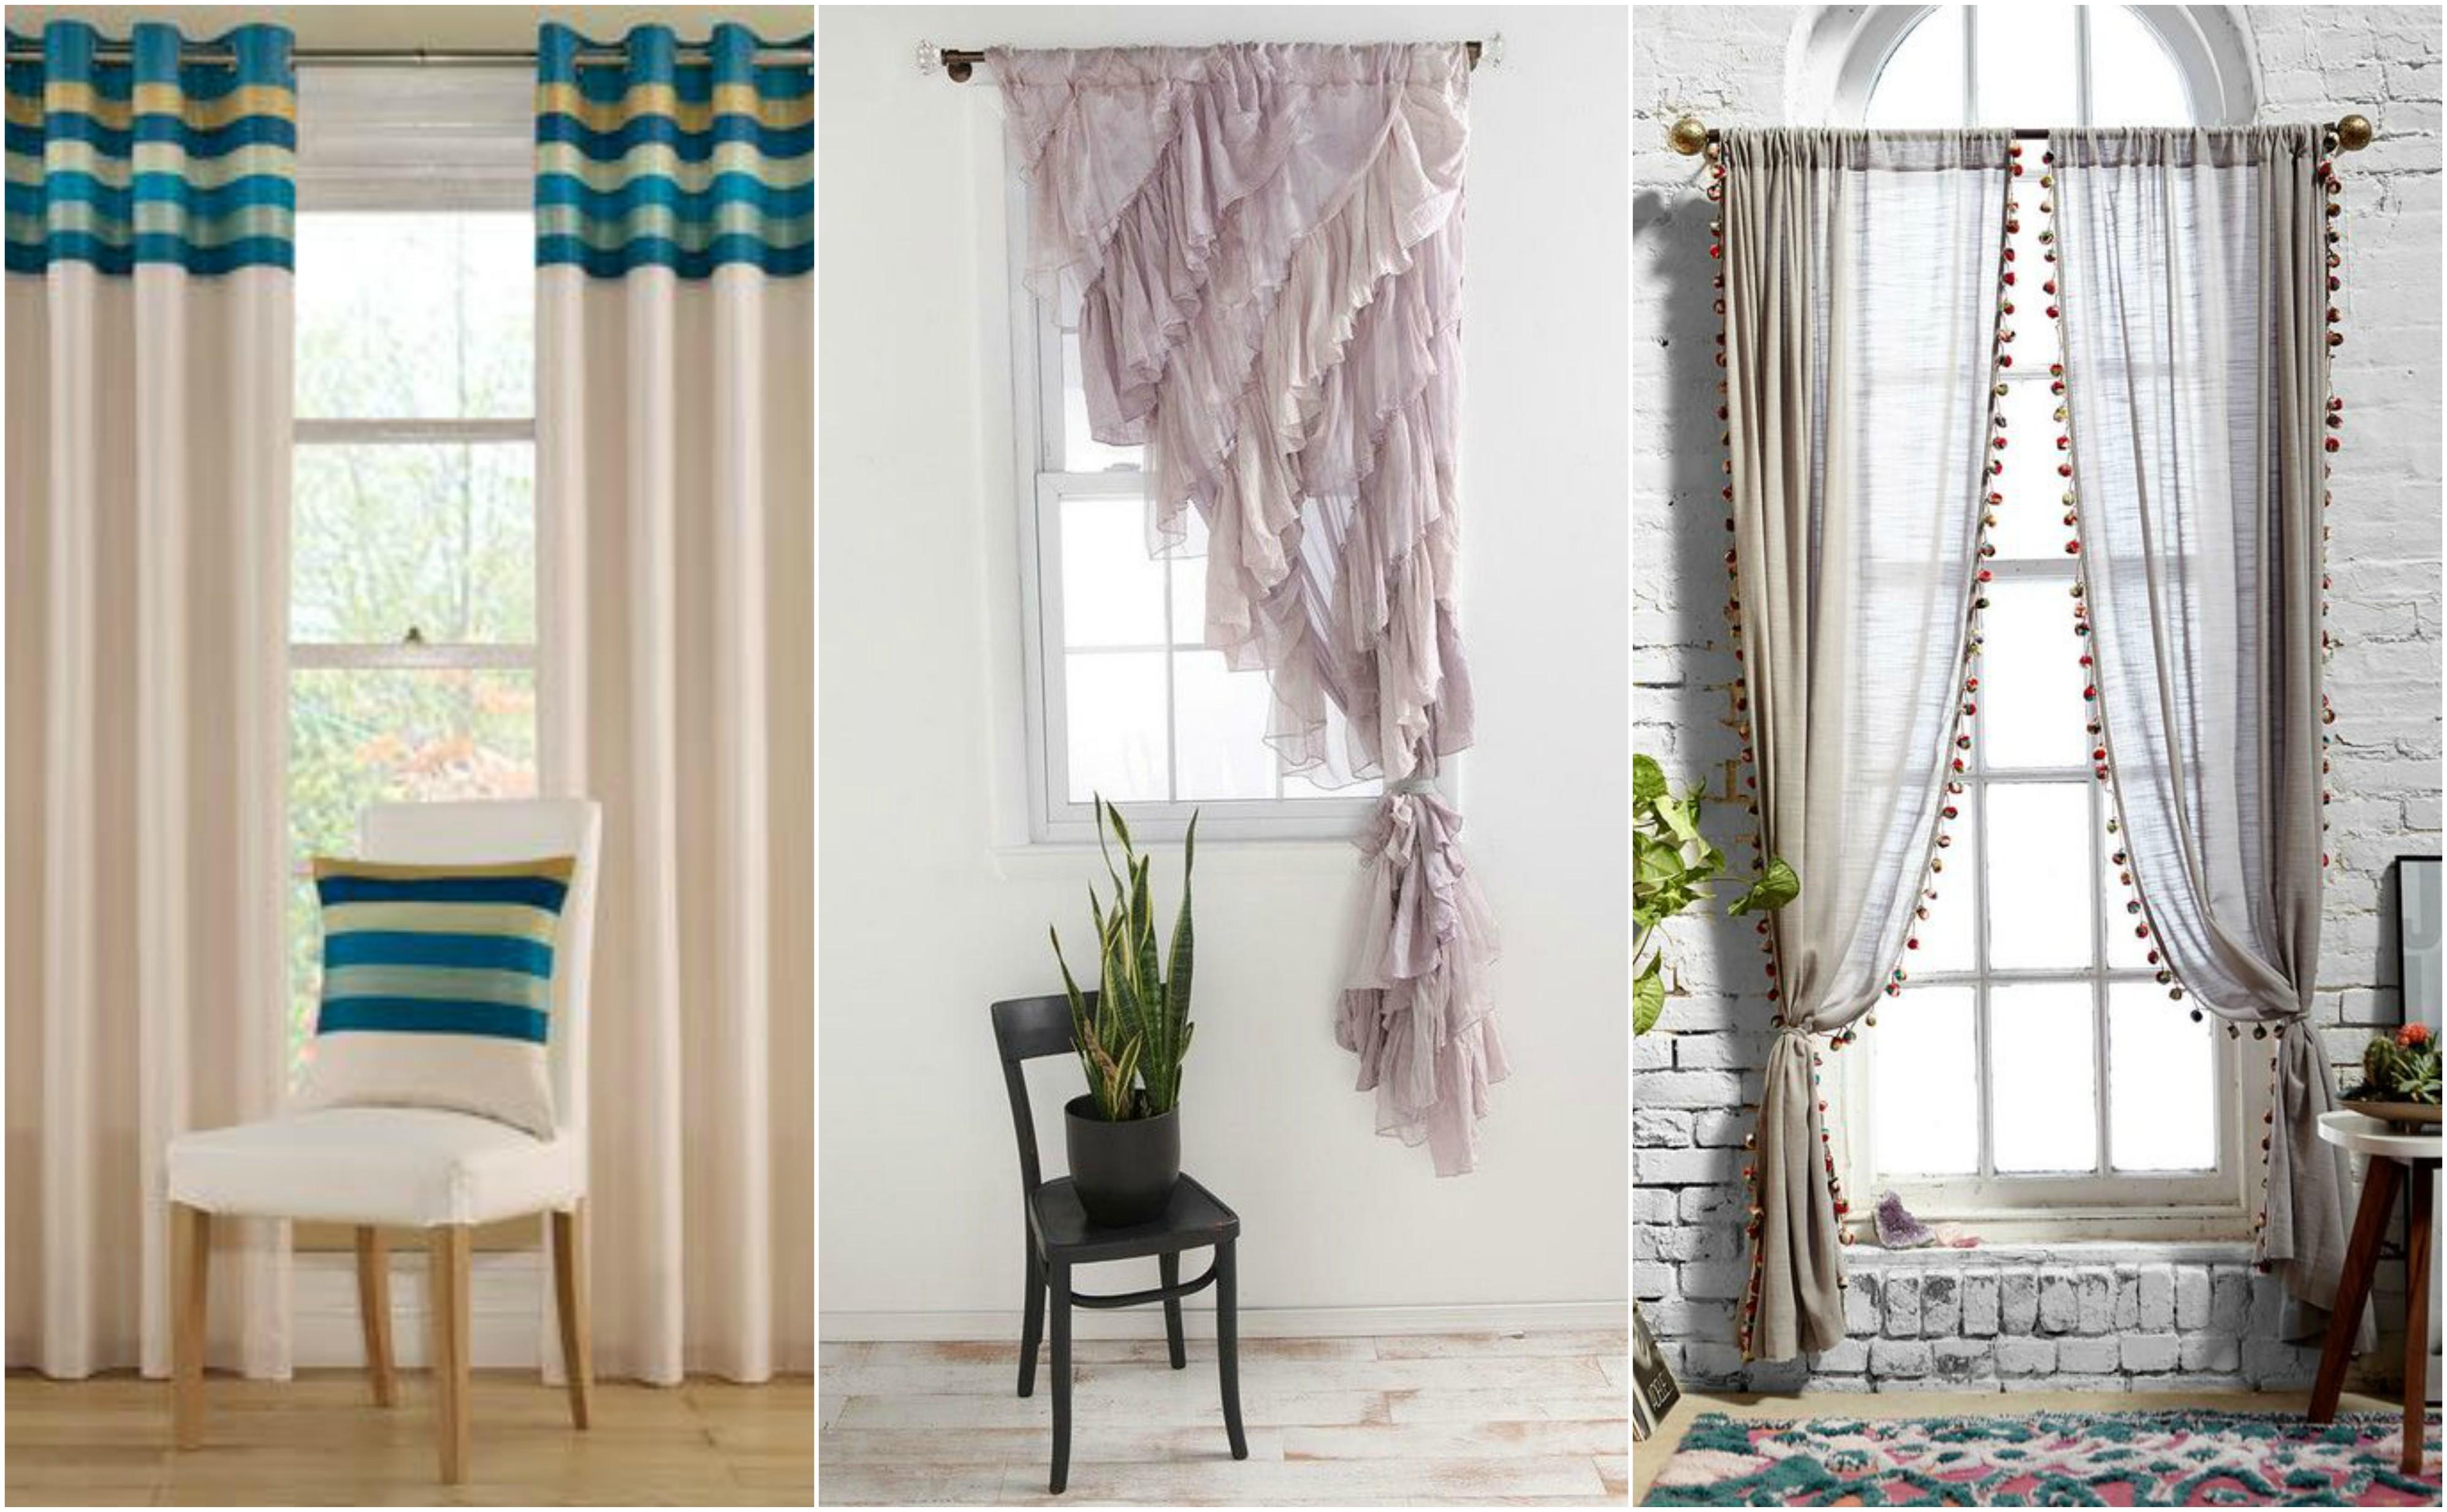 Modelos de cortinas para a decora??o de interiores